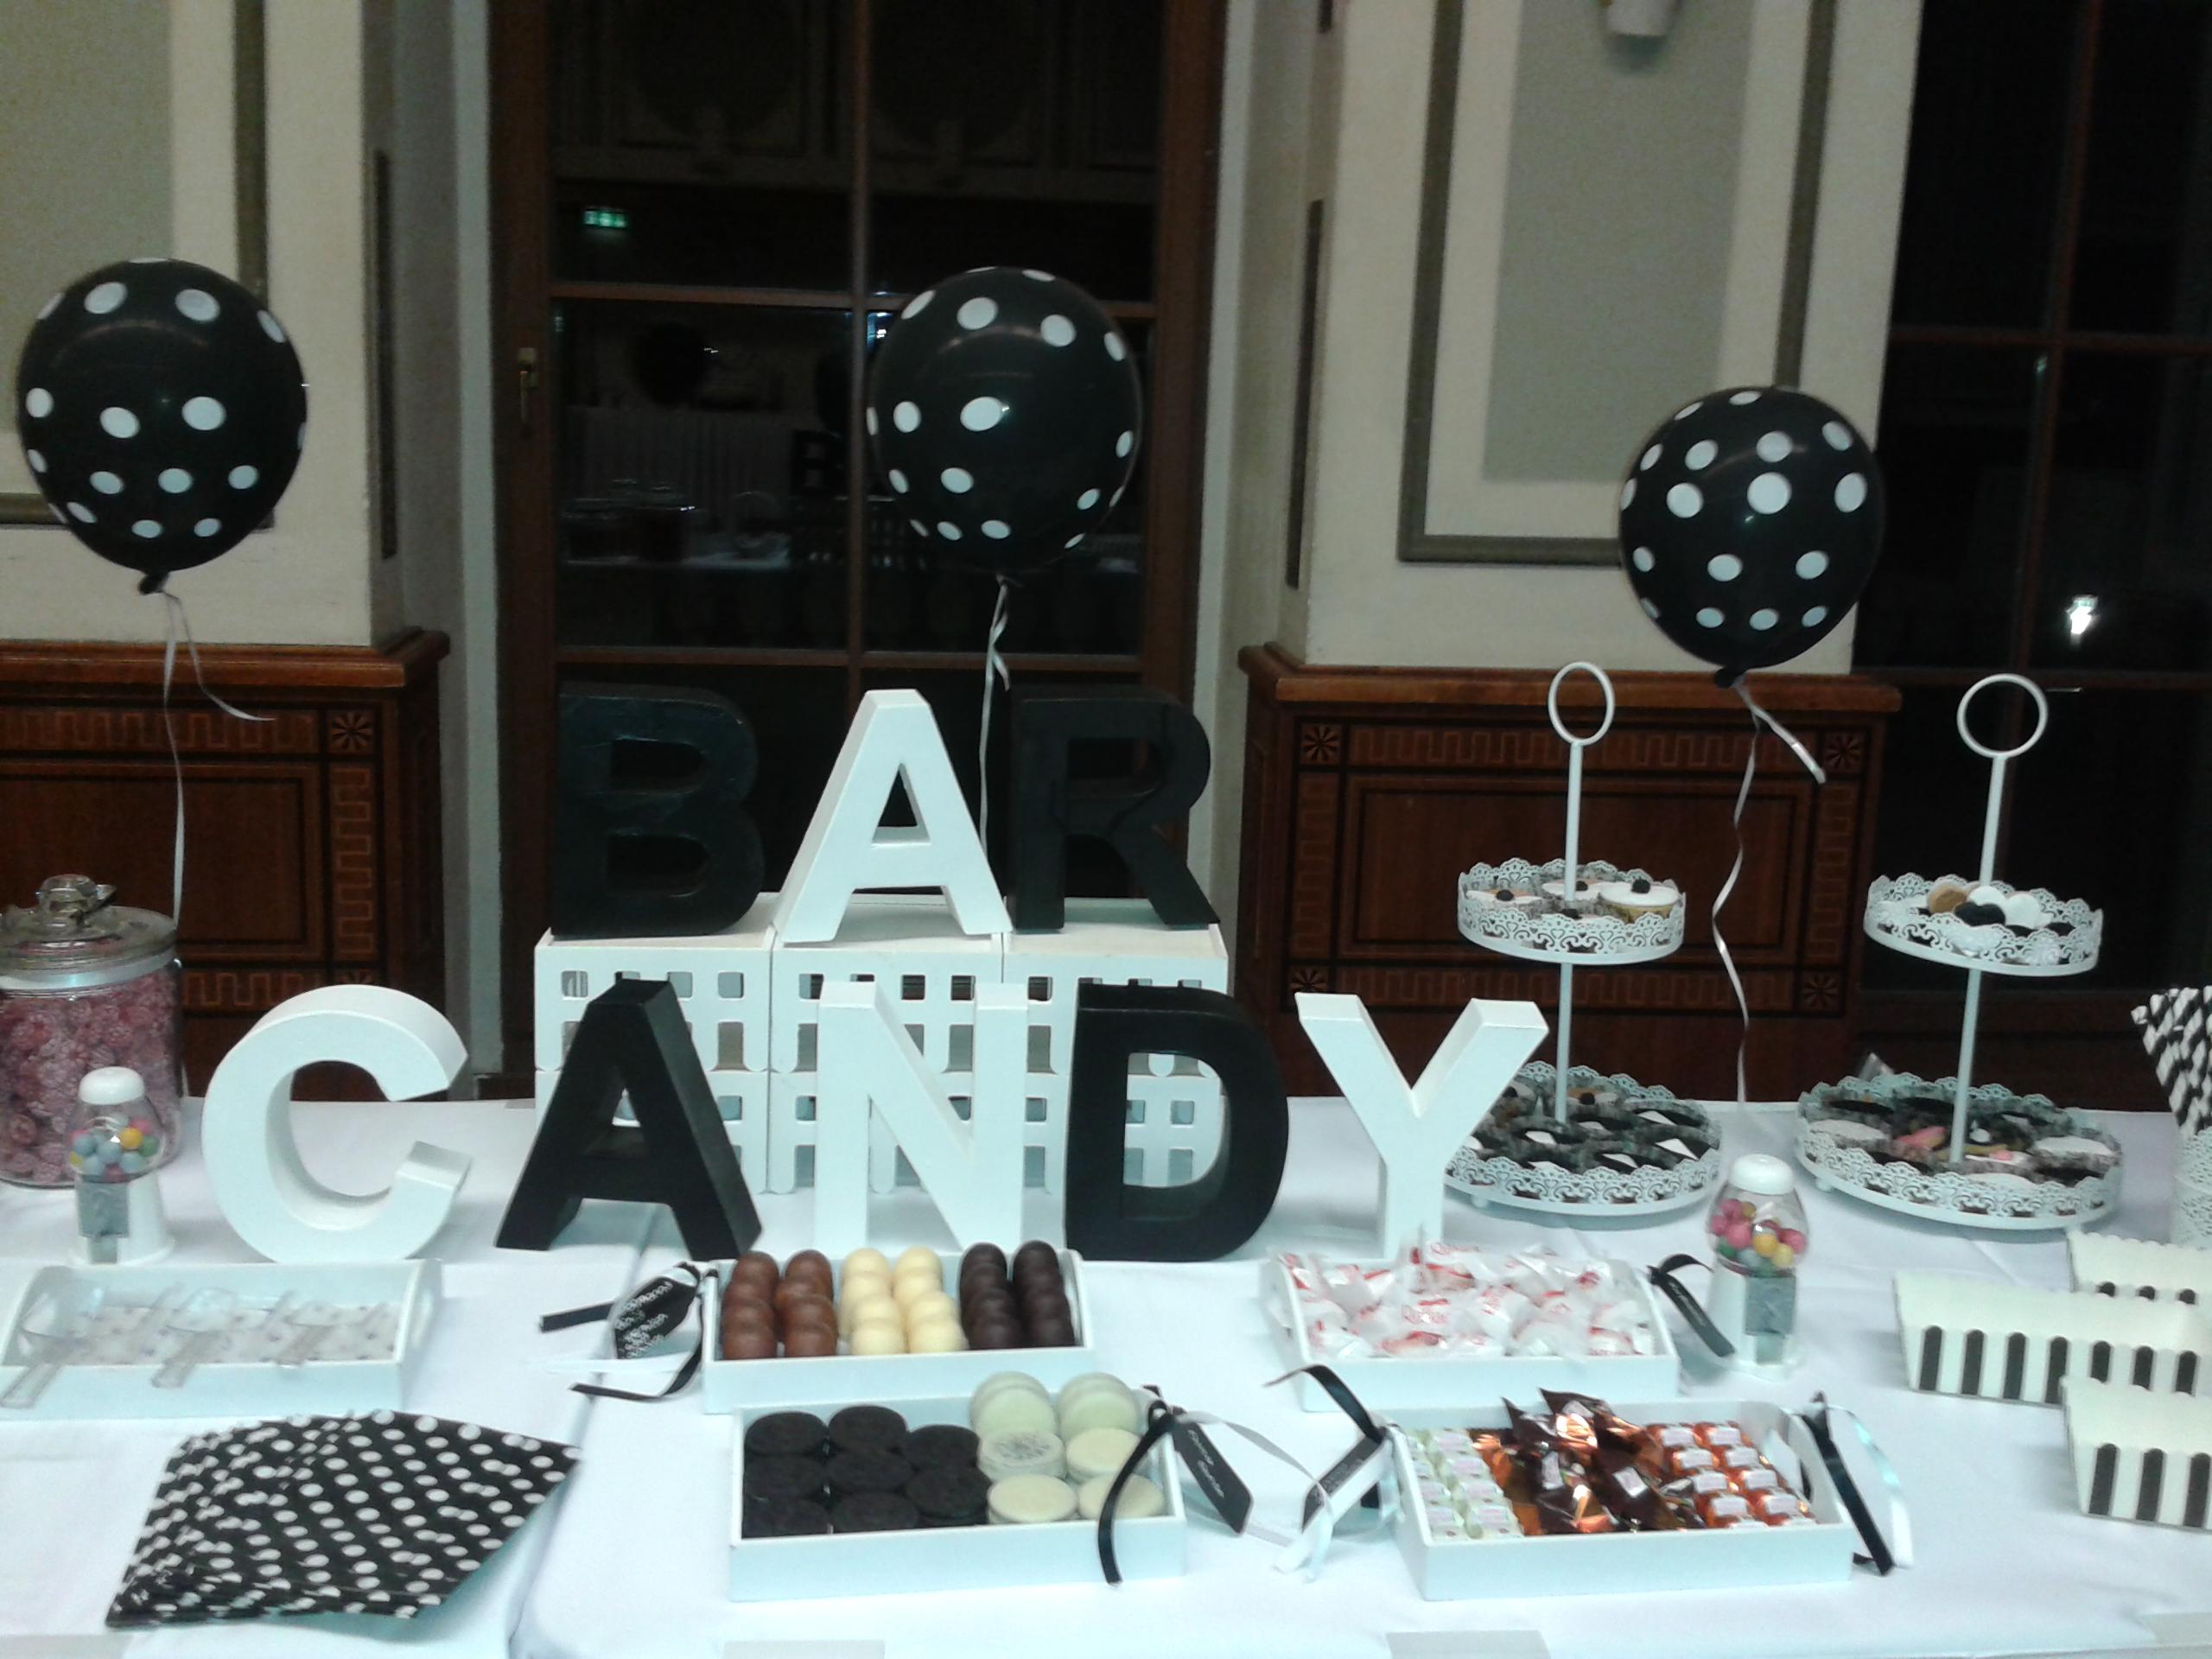 Candy Bar Hochzeit Deko in Schwarz- Weiß Farben